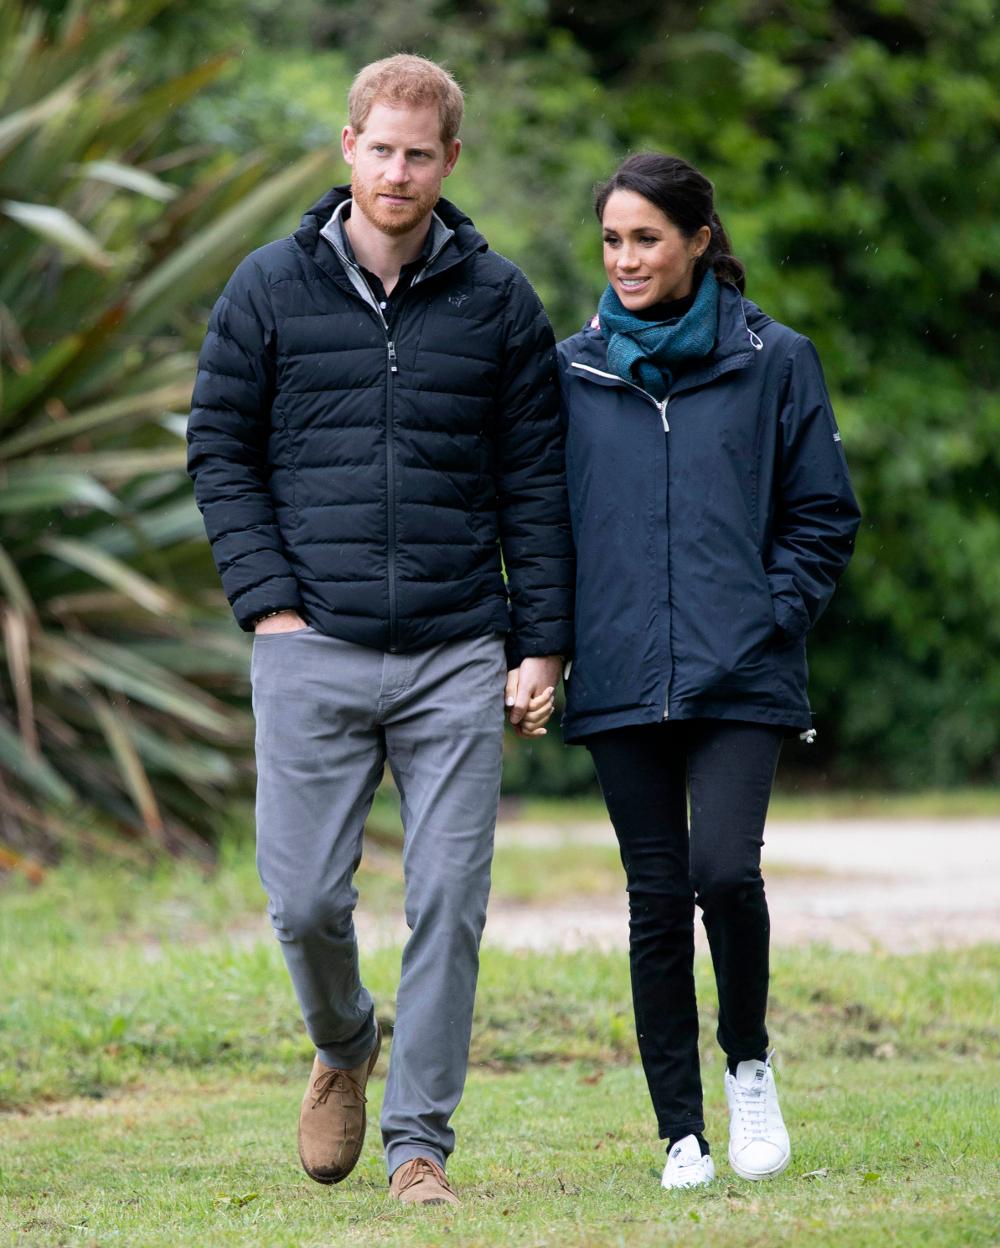 Πρίγκιπας Χάρι και Μέγκαν ΜΑρκλ περπατούν πιασμένοι χέρι-χέρι